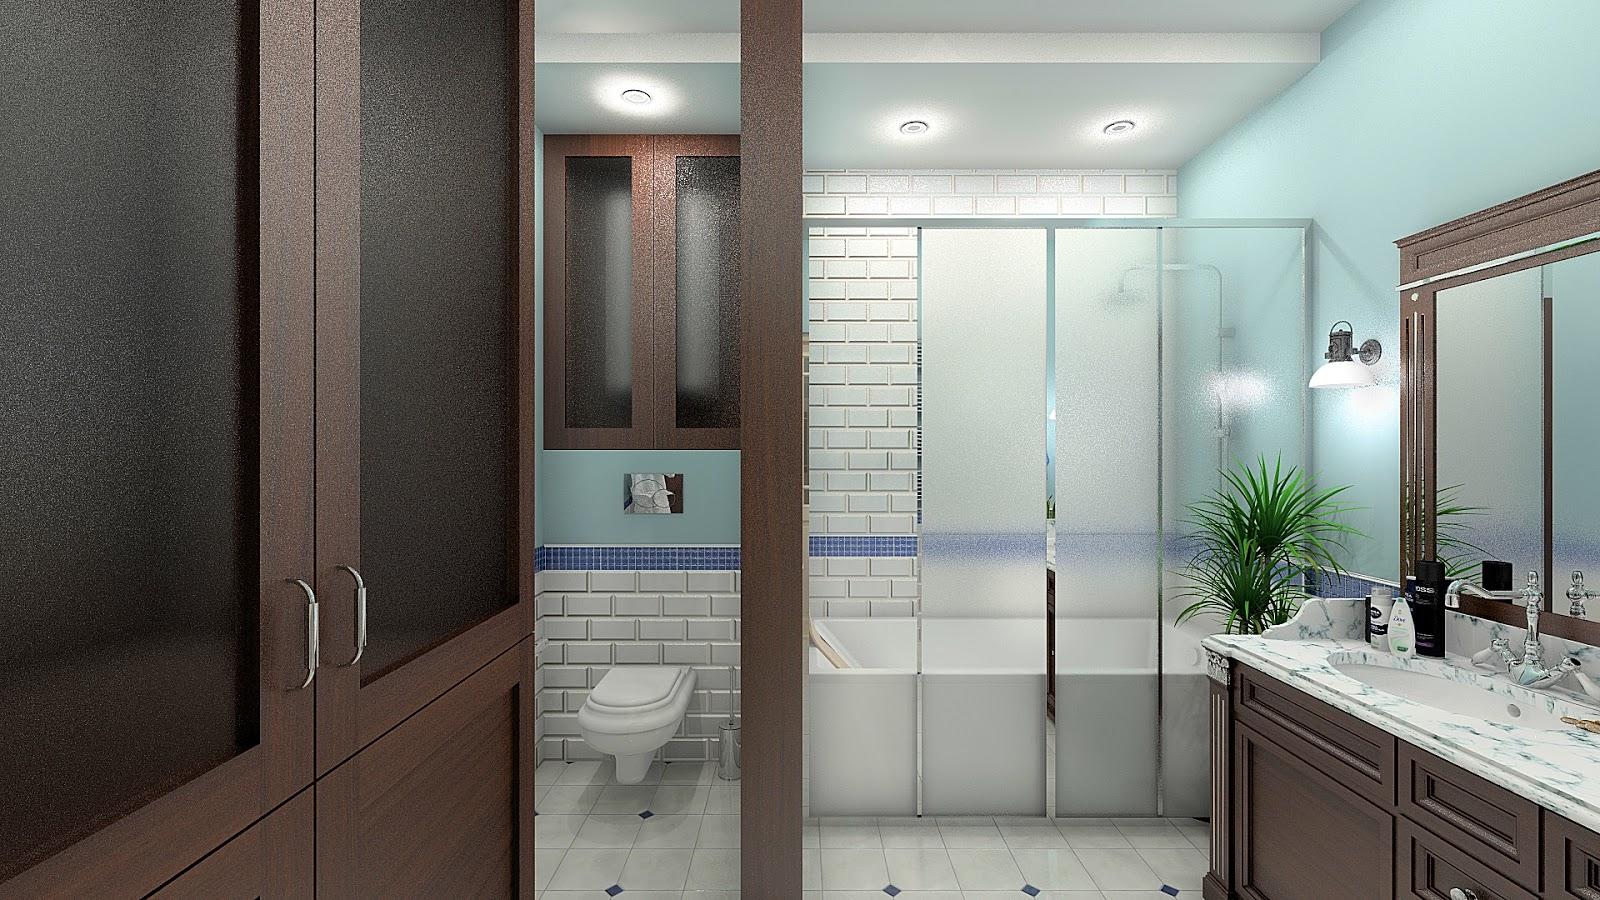 Камера в ванной комнате фото, фото порно русских худышек